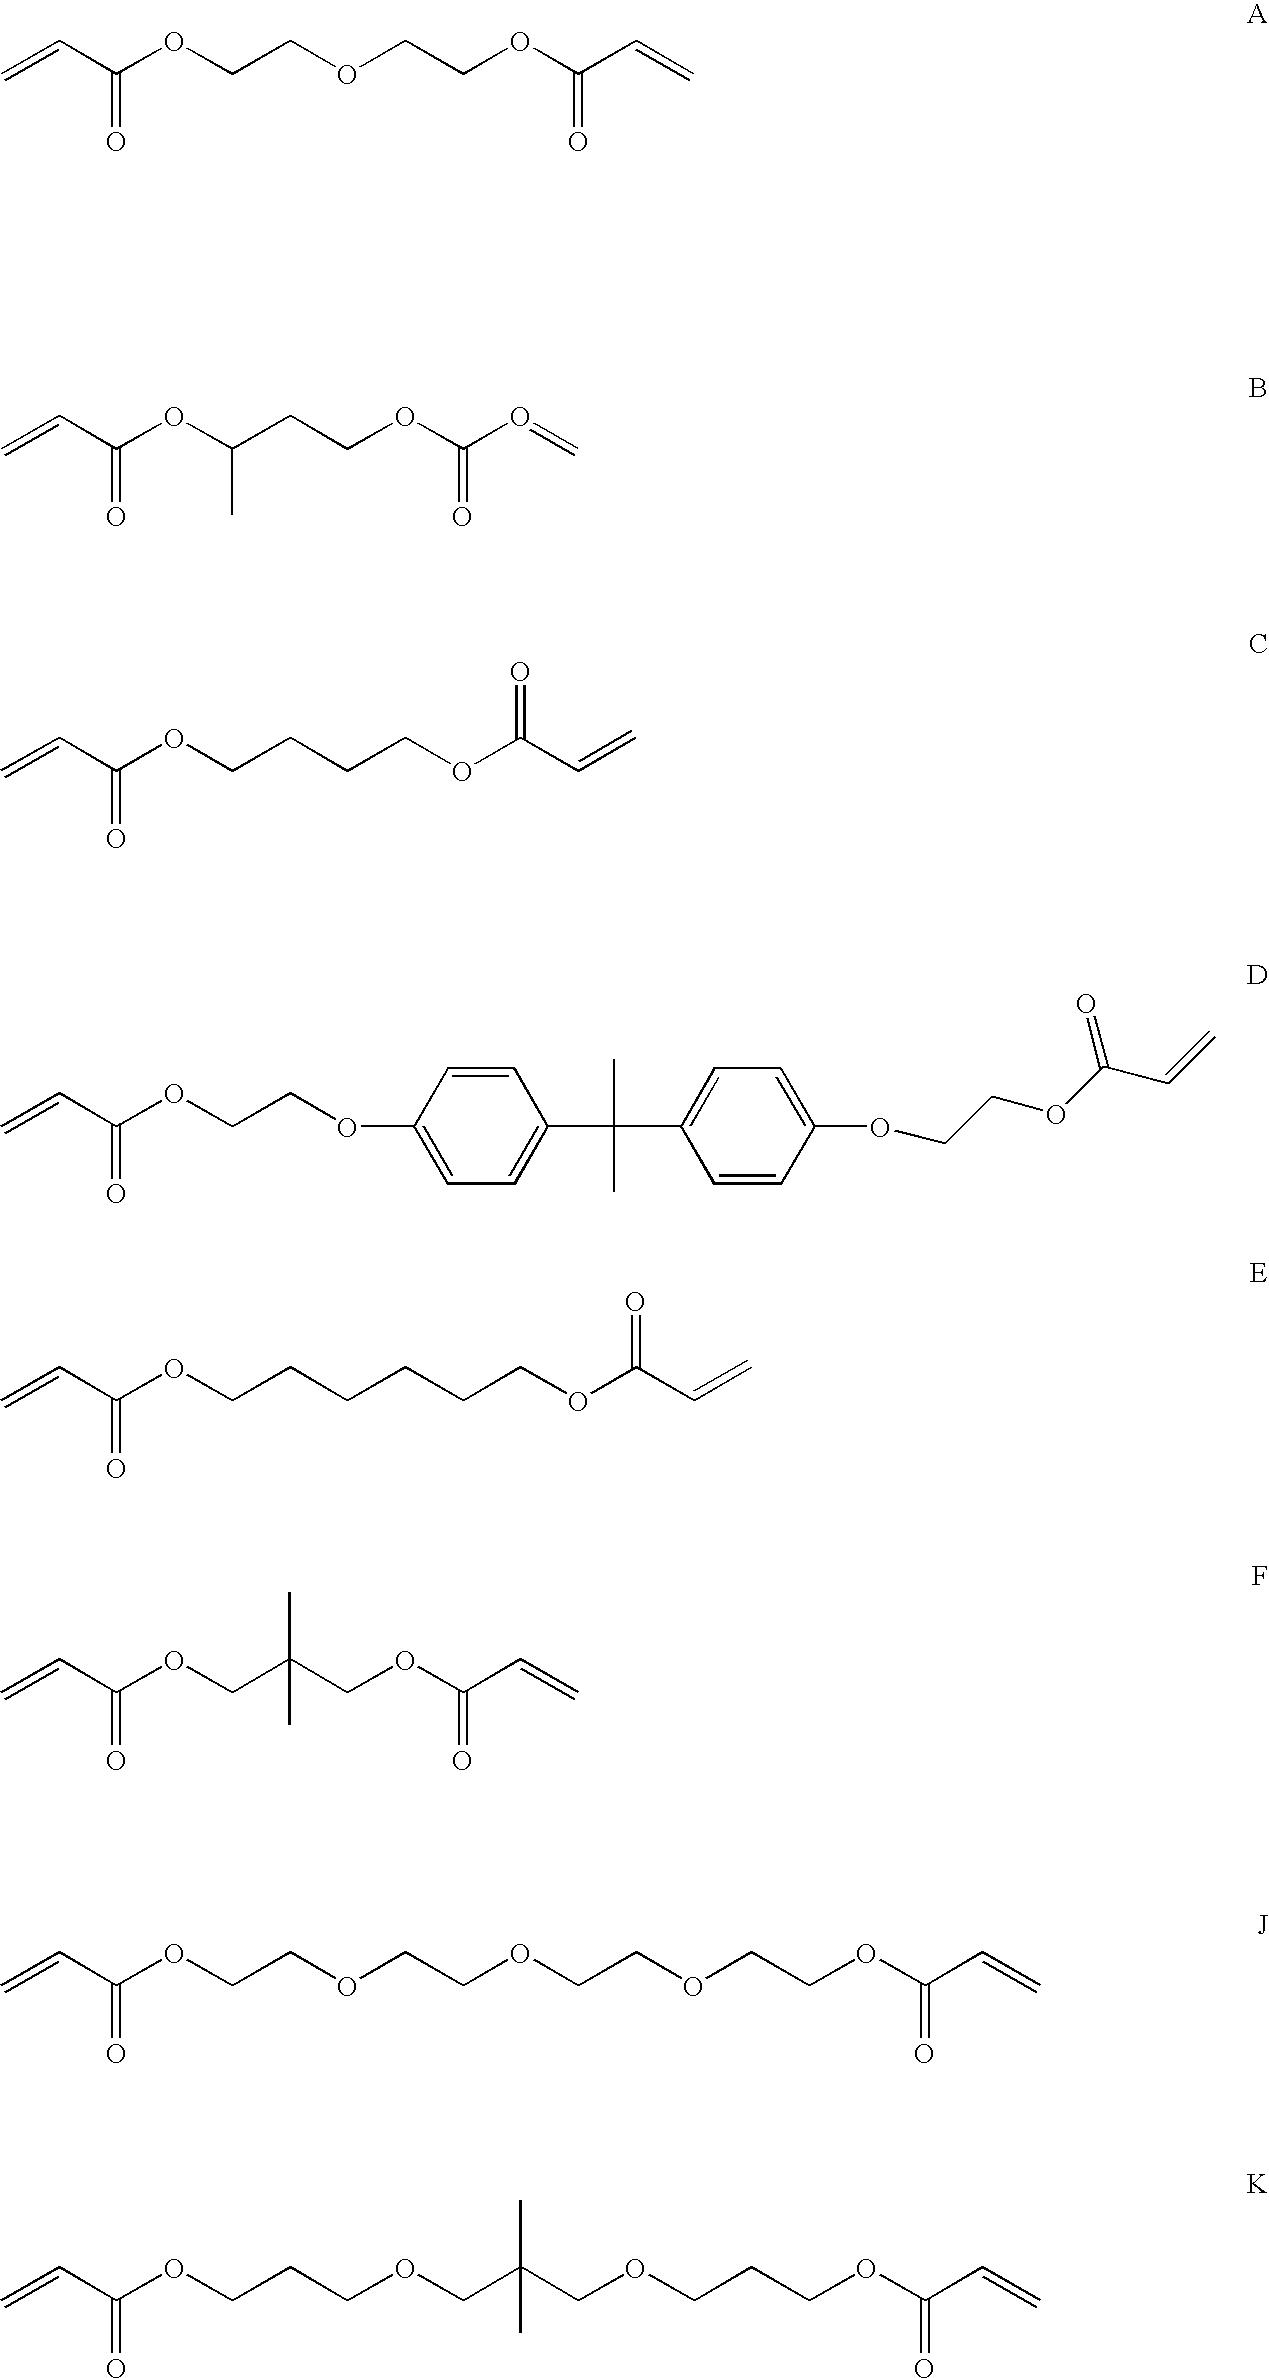 Figure US20050244504A1-20051103-C00011